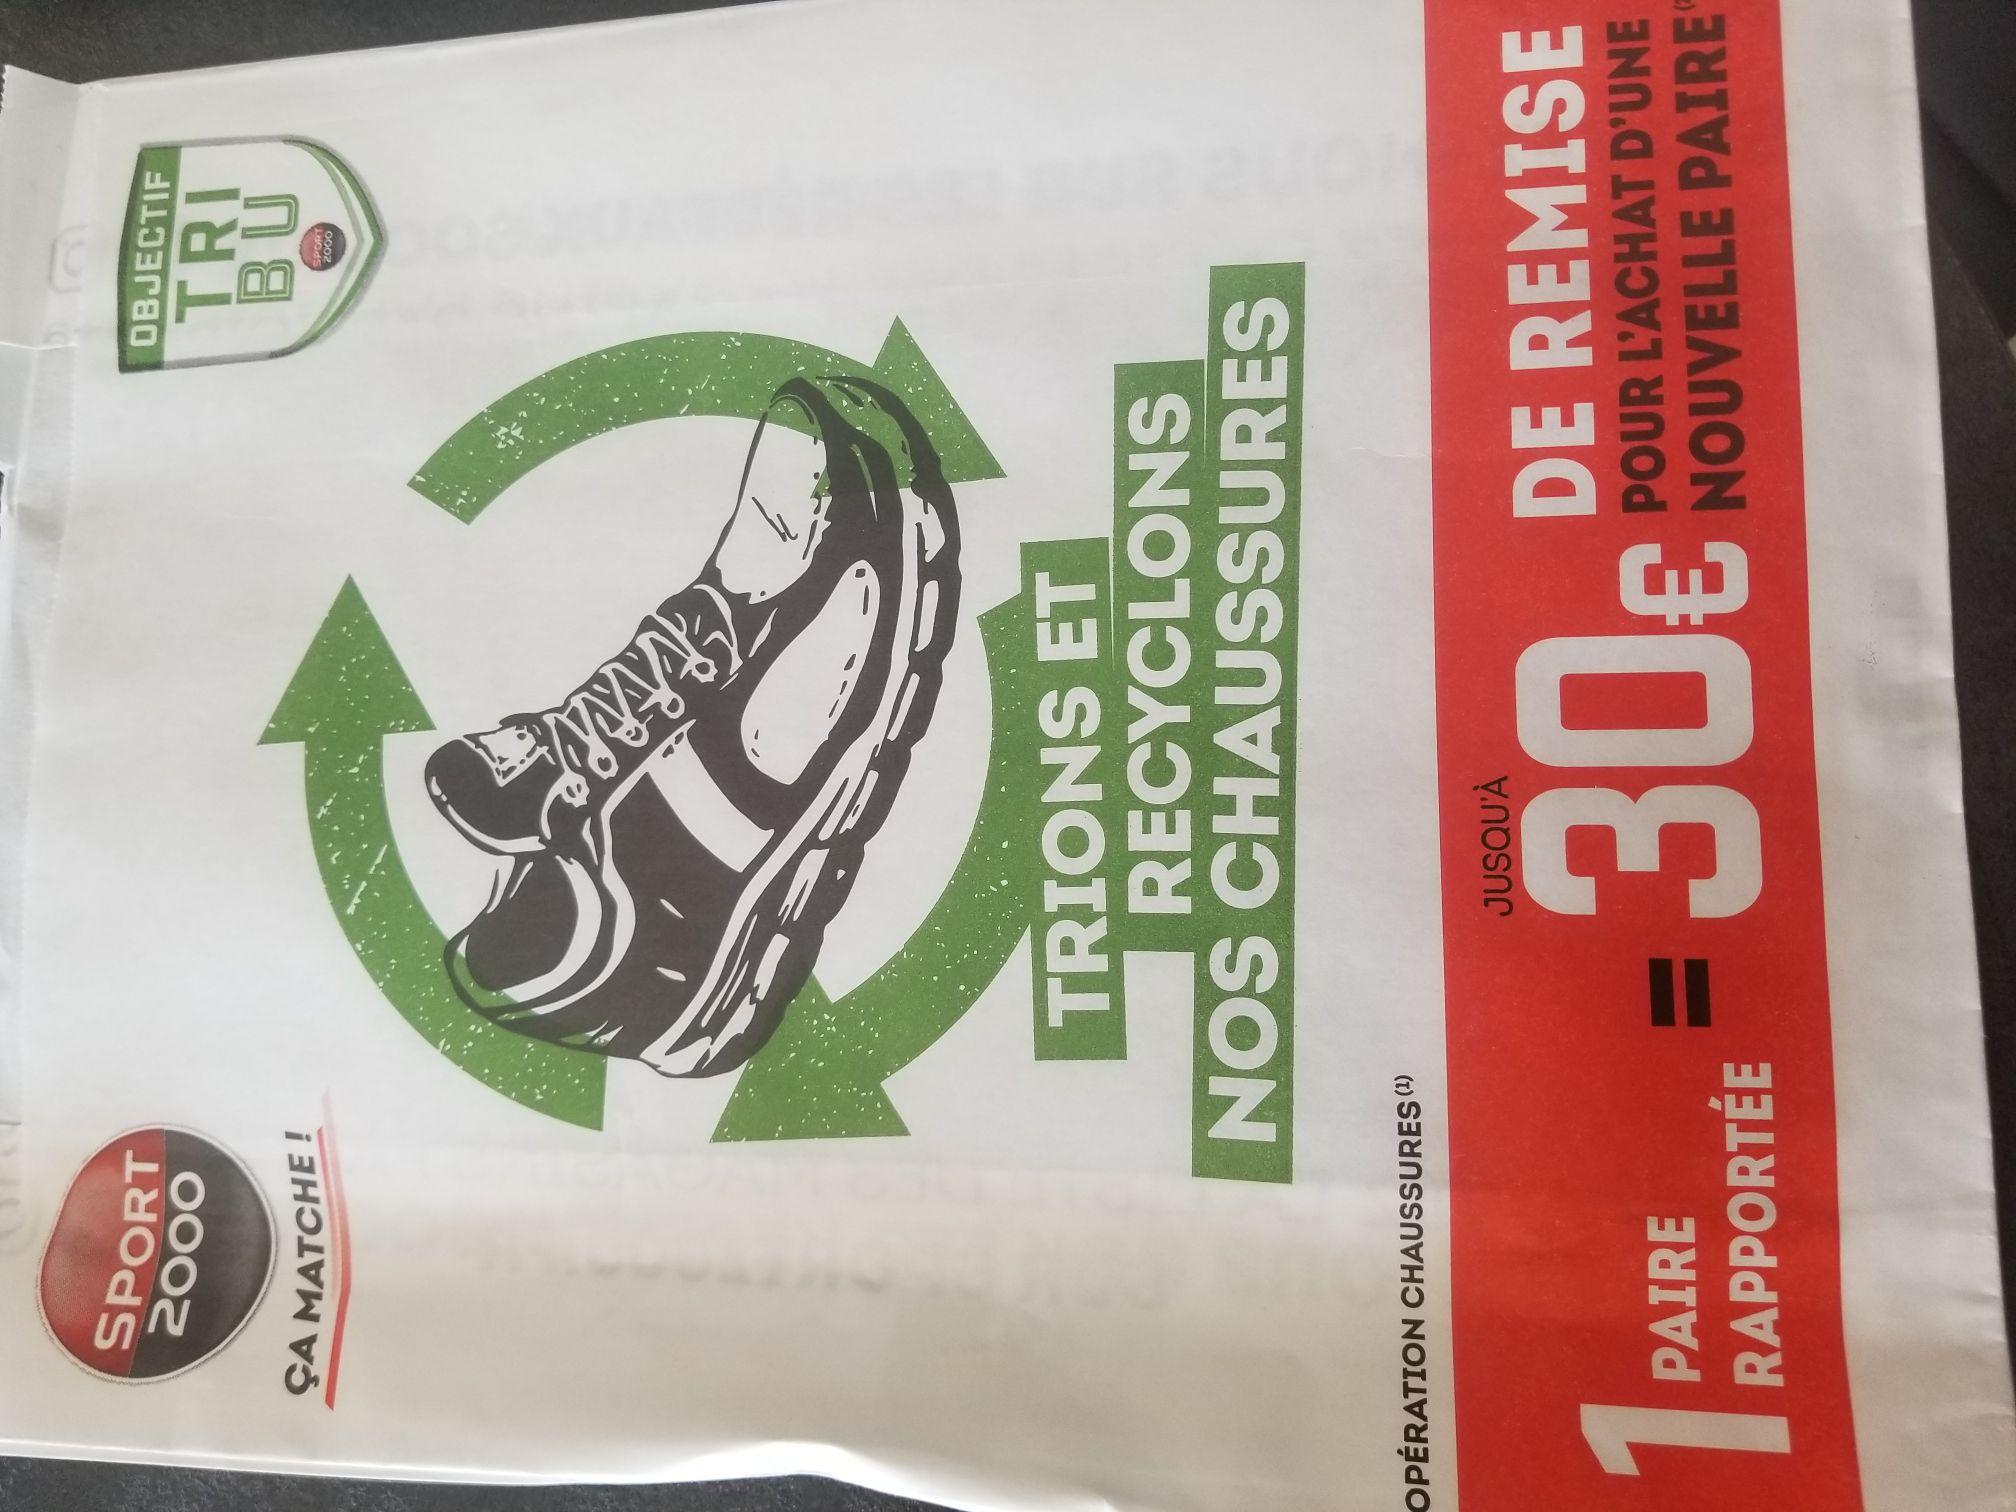 30€ de réduction dès 120€ sur une paire de chaussures, 20€ dès 60€ d'achat ou 10€ dès 40€ d'achat - contre une ancienne paire